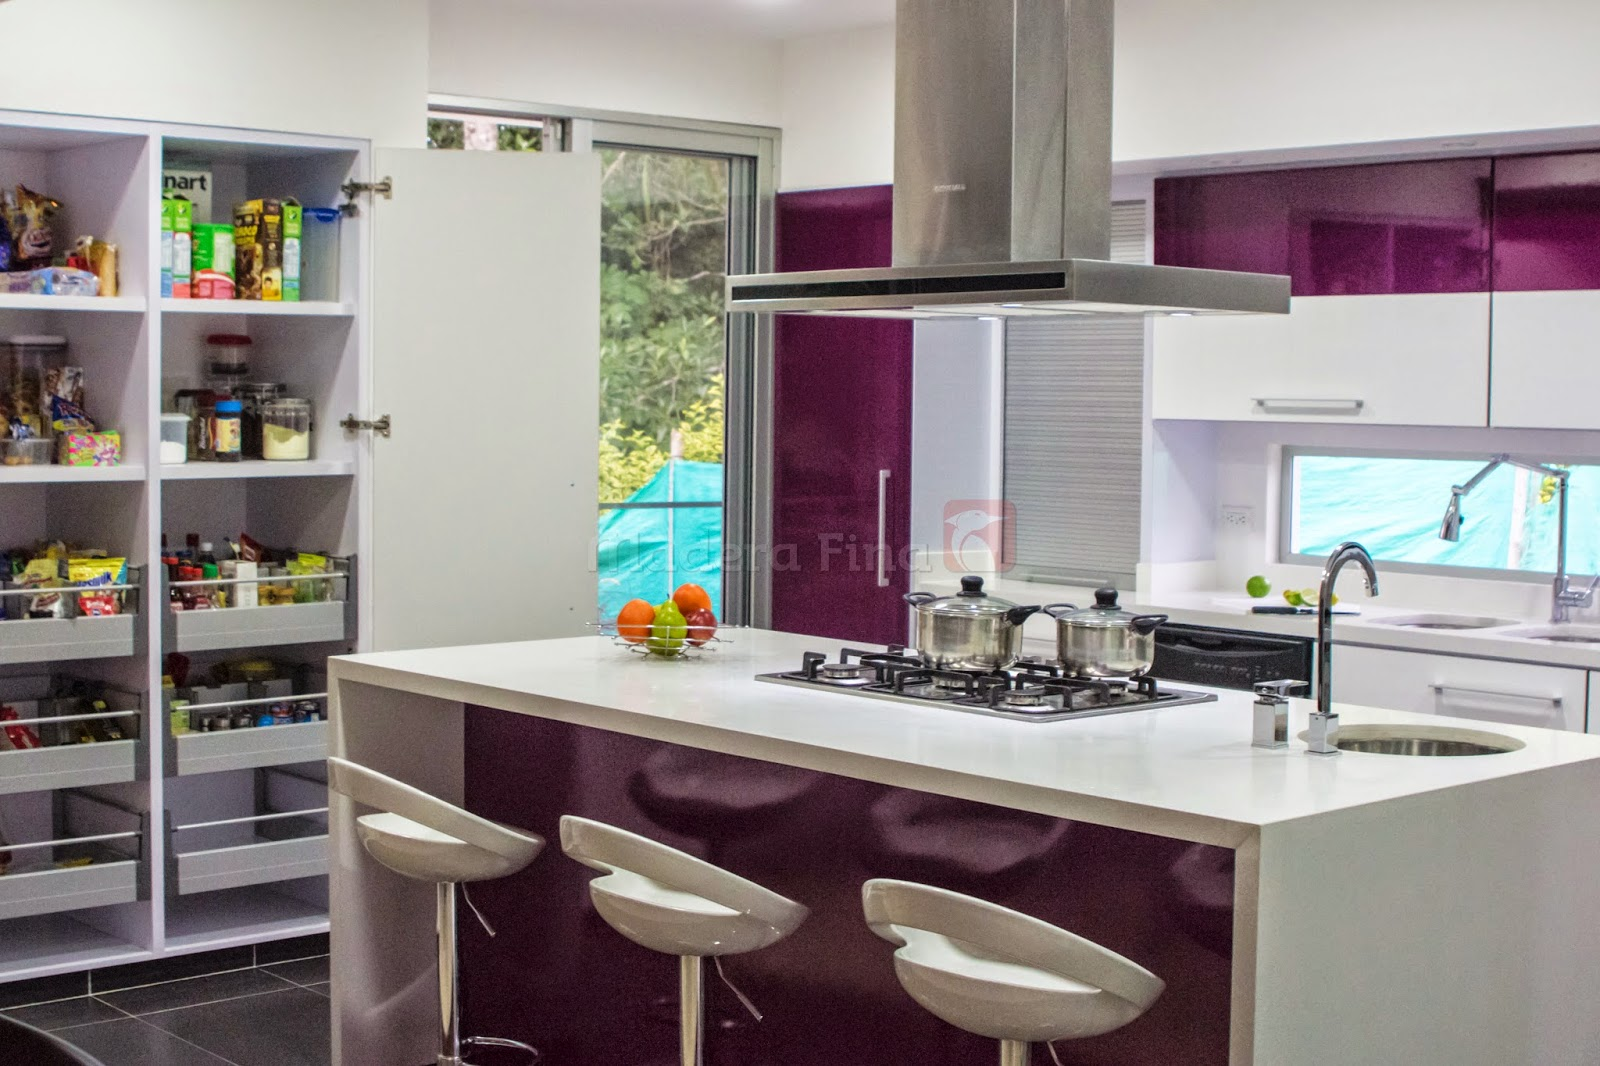 Cocina moderna en pereira morado y blanco cocinas for Cocinas espectaculares modernas